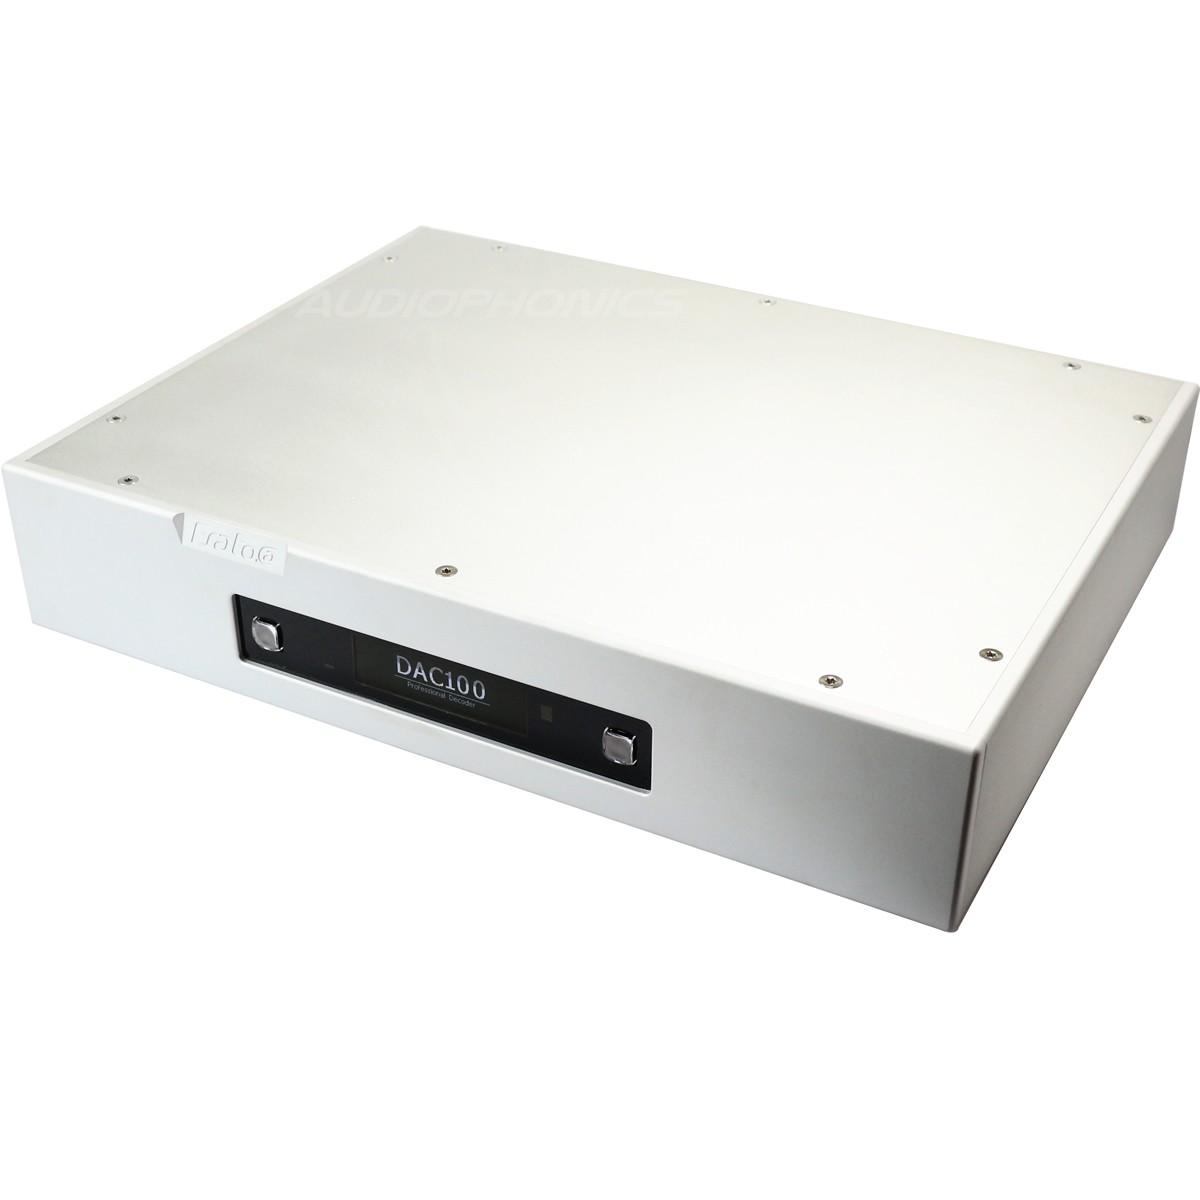 ERATO DAC100 DAC Symétrique XLR 32bit / 384Khz 2x AK4497 DSD256 XMOS U208